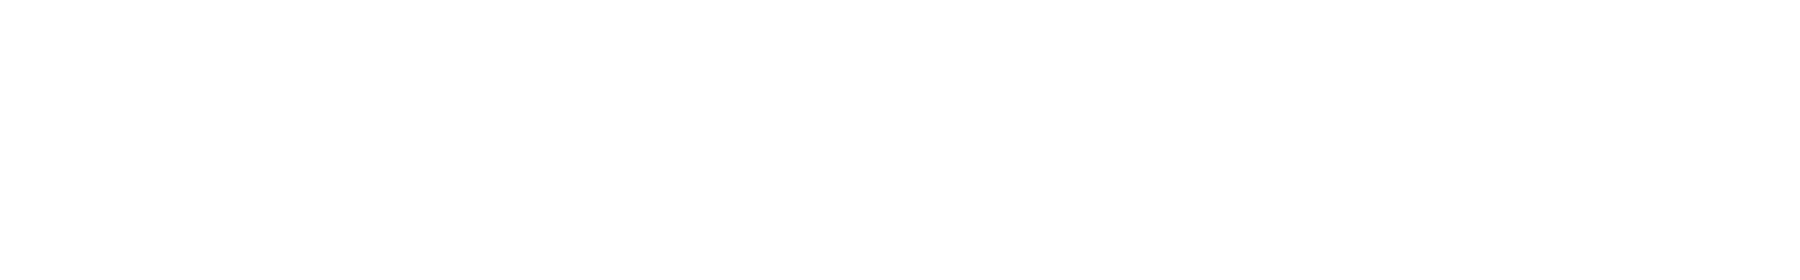 06 berimbau c